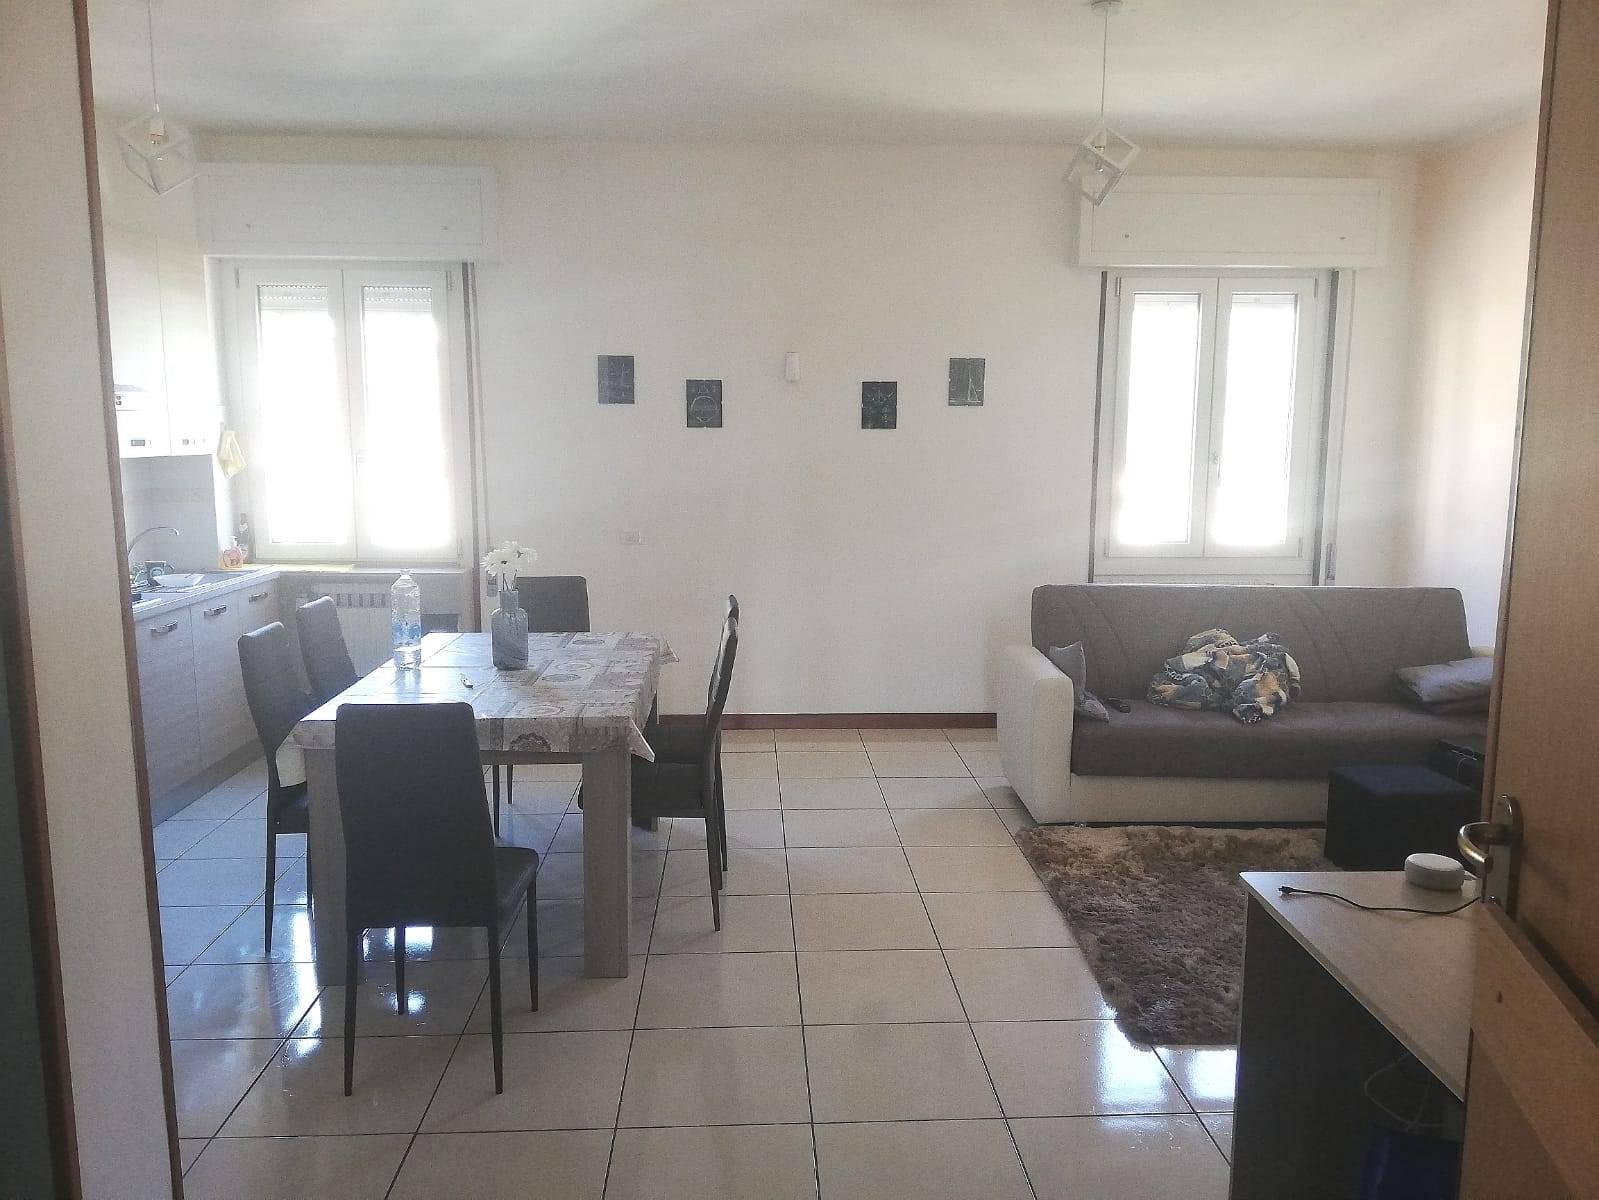 Appartamento in vendita a Lumezzane, 3 locali, zona Località: LumezzaneSanSebastiano, prezzo € 75.000   CambioCasa.it